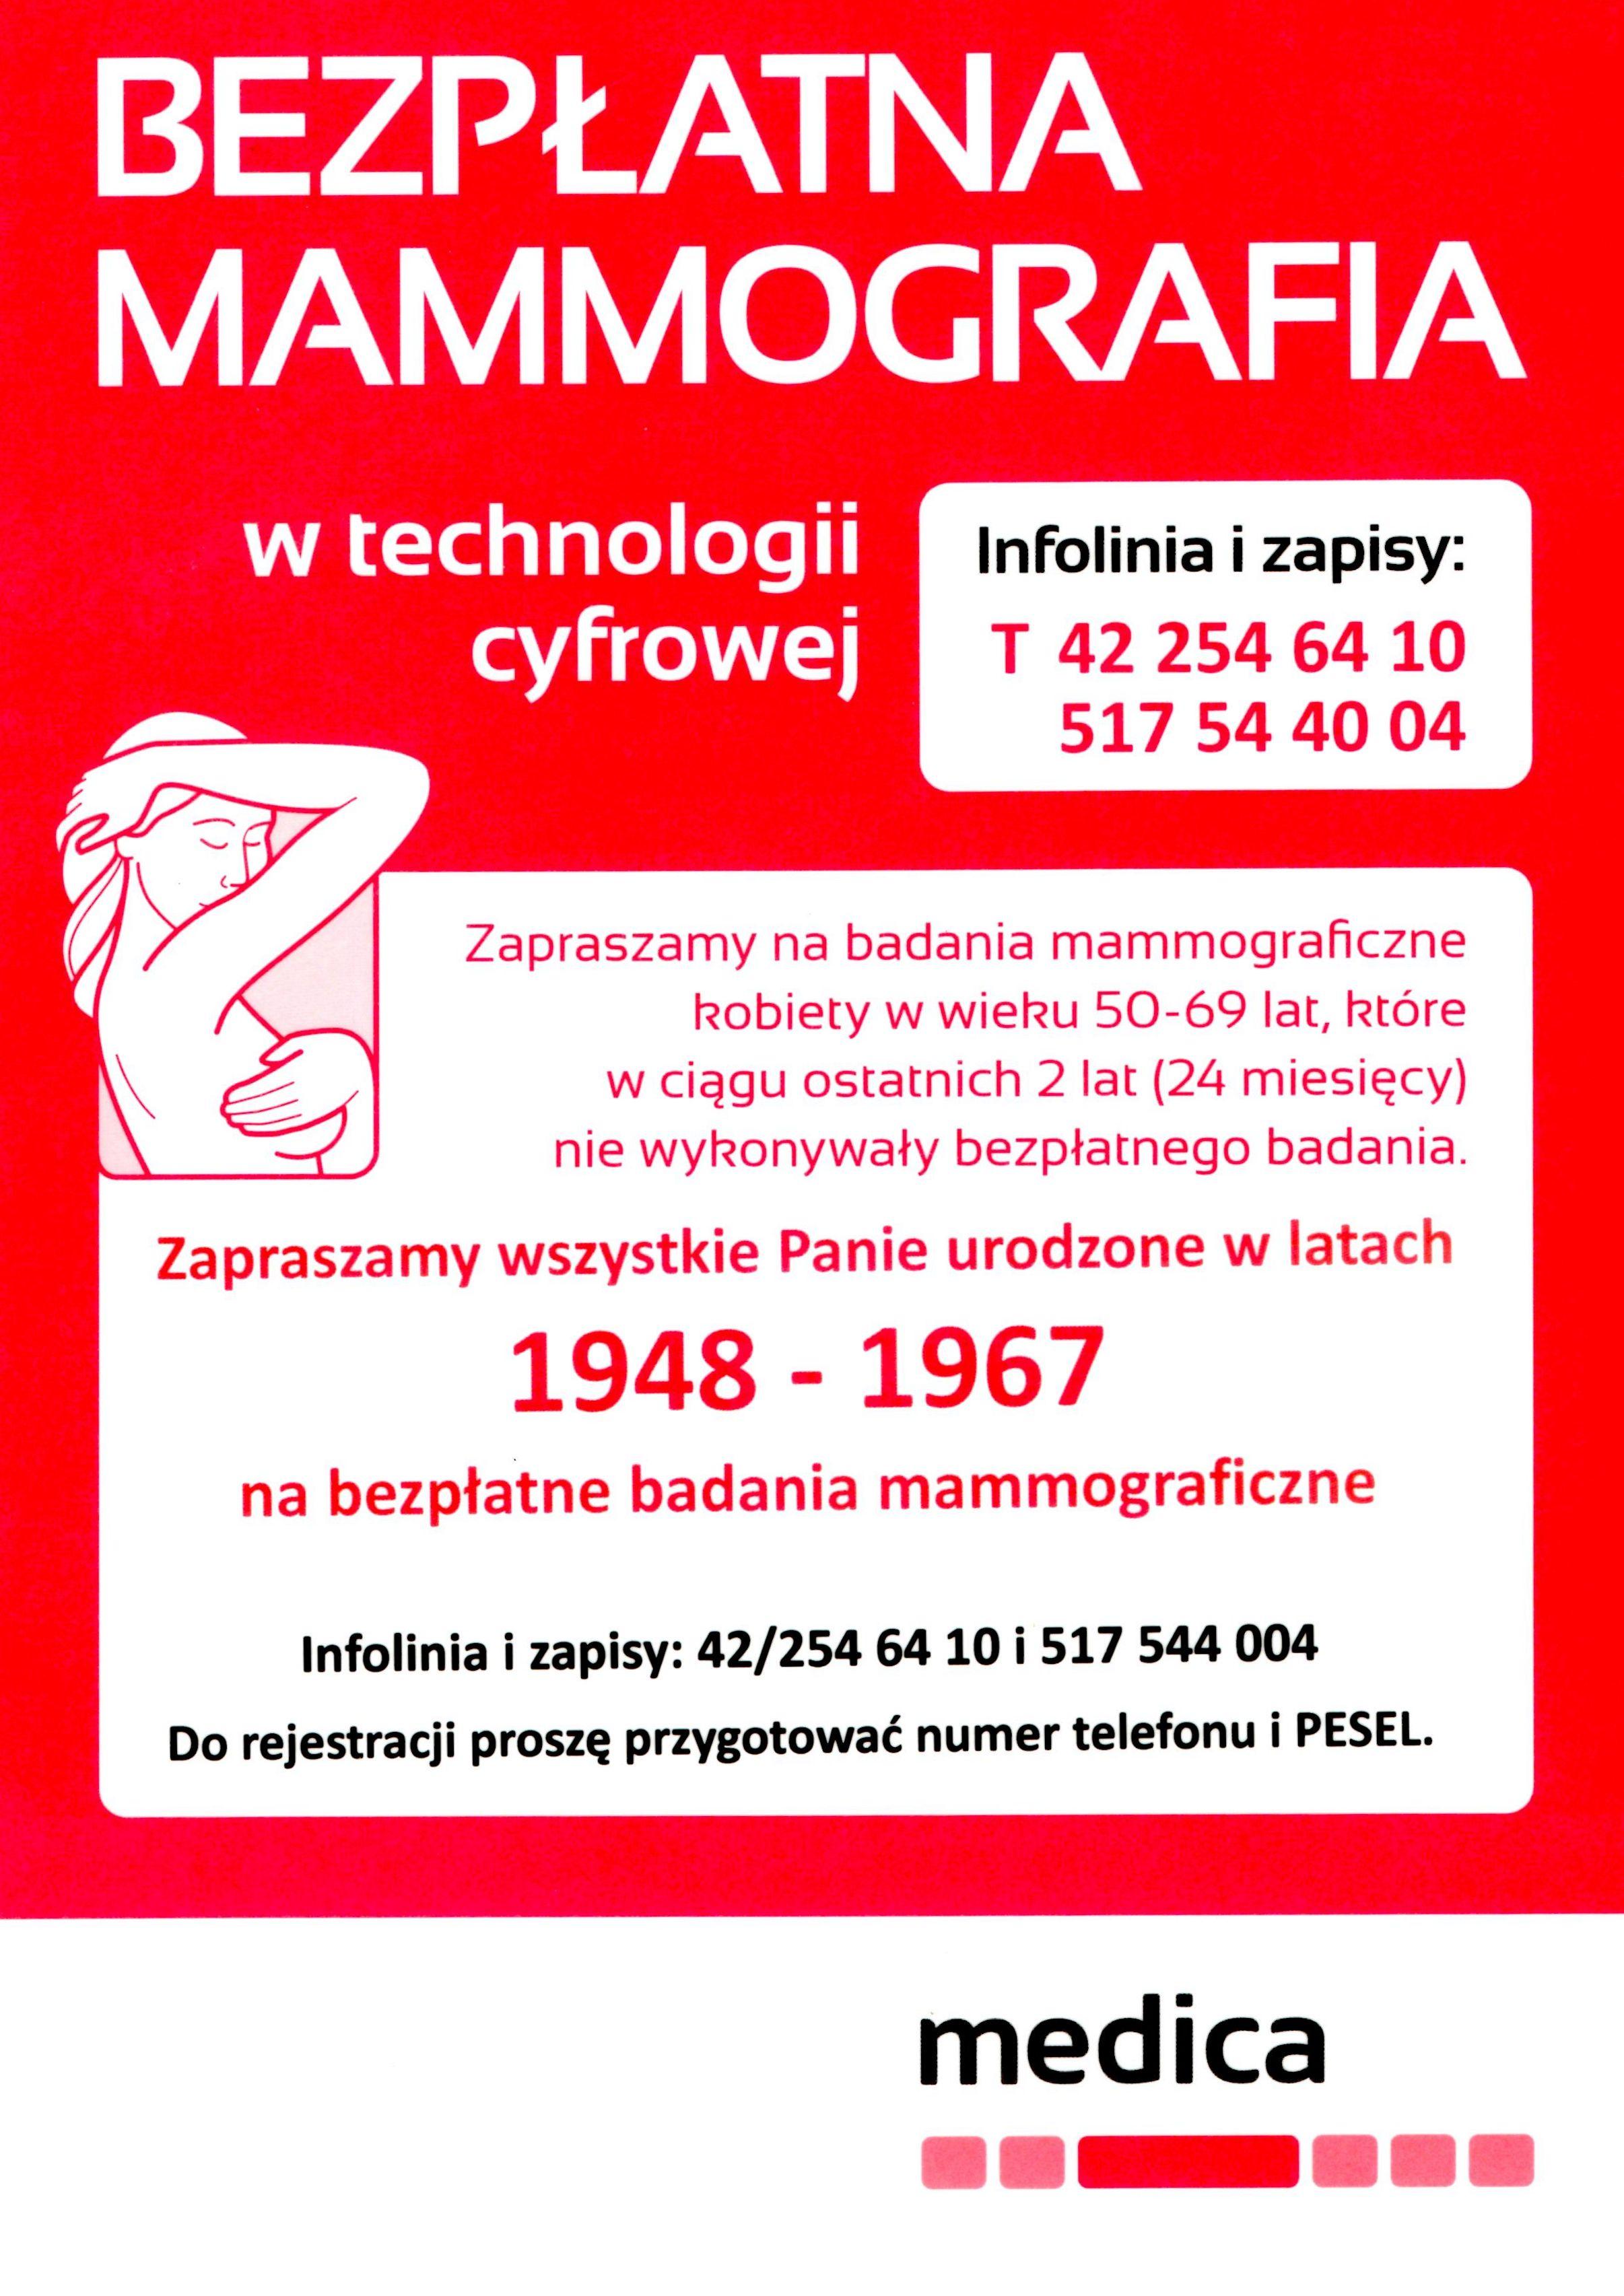 bezplatna mammografia plakat - Bezpłatne badania mammograficzne